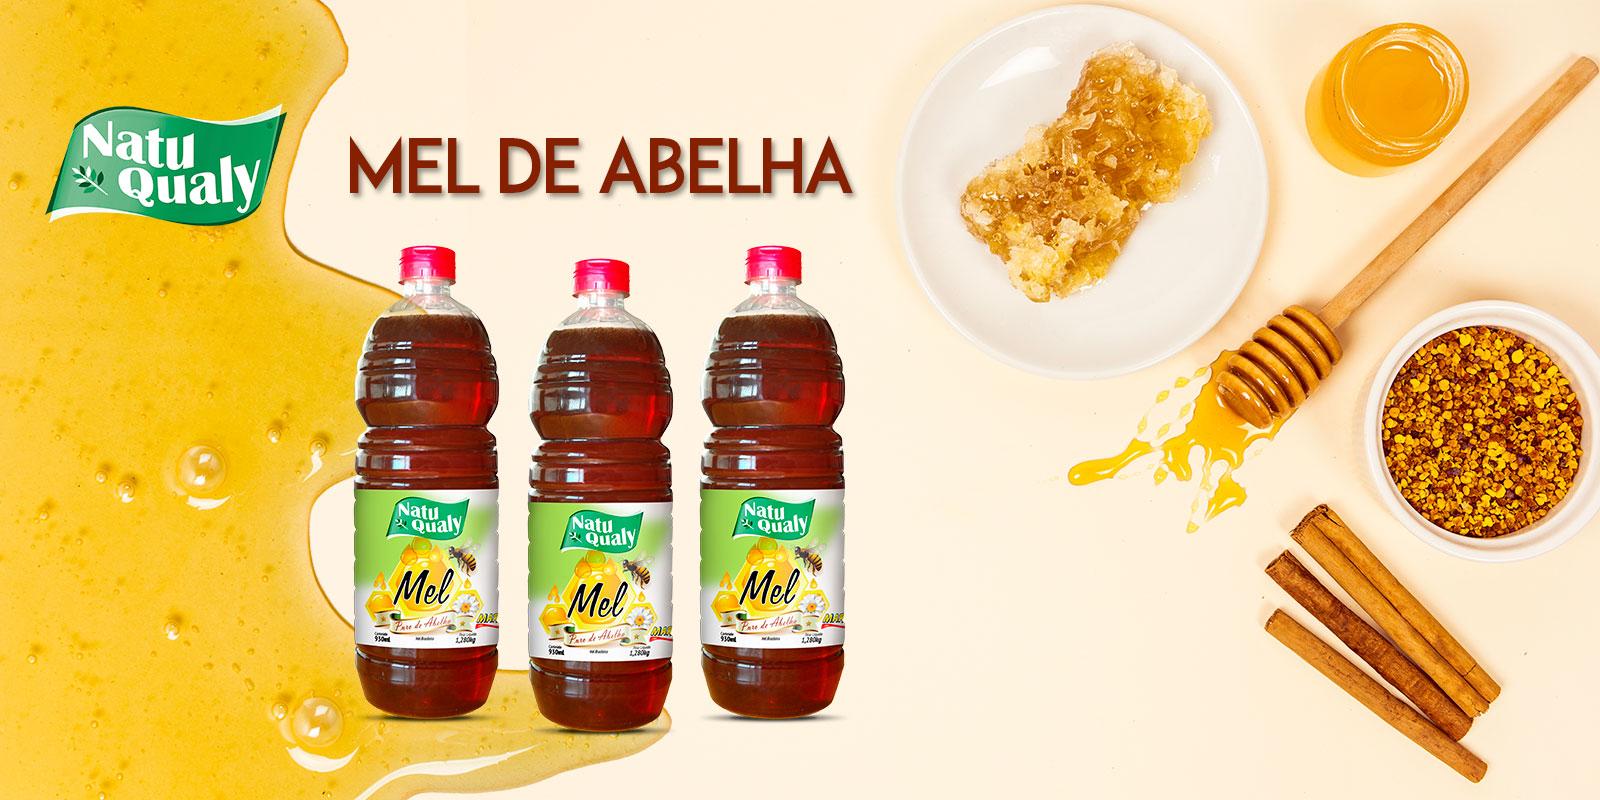 Mel de Abelha Banne de mel de abelha